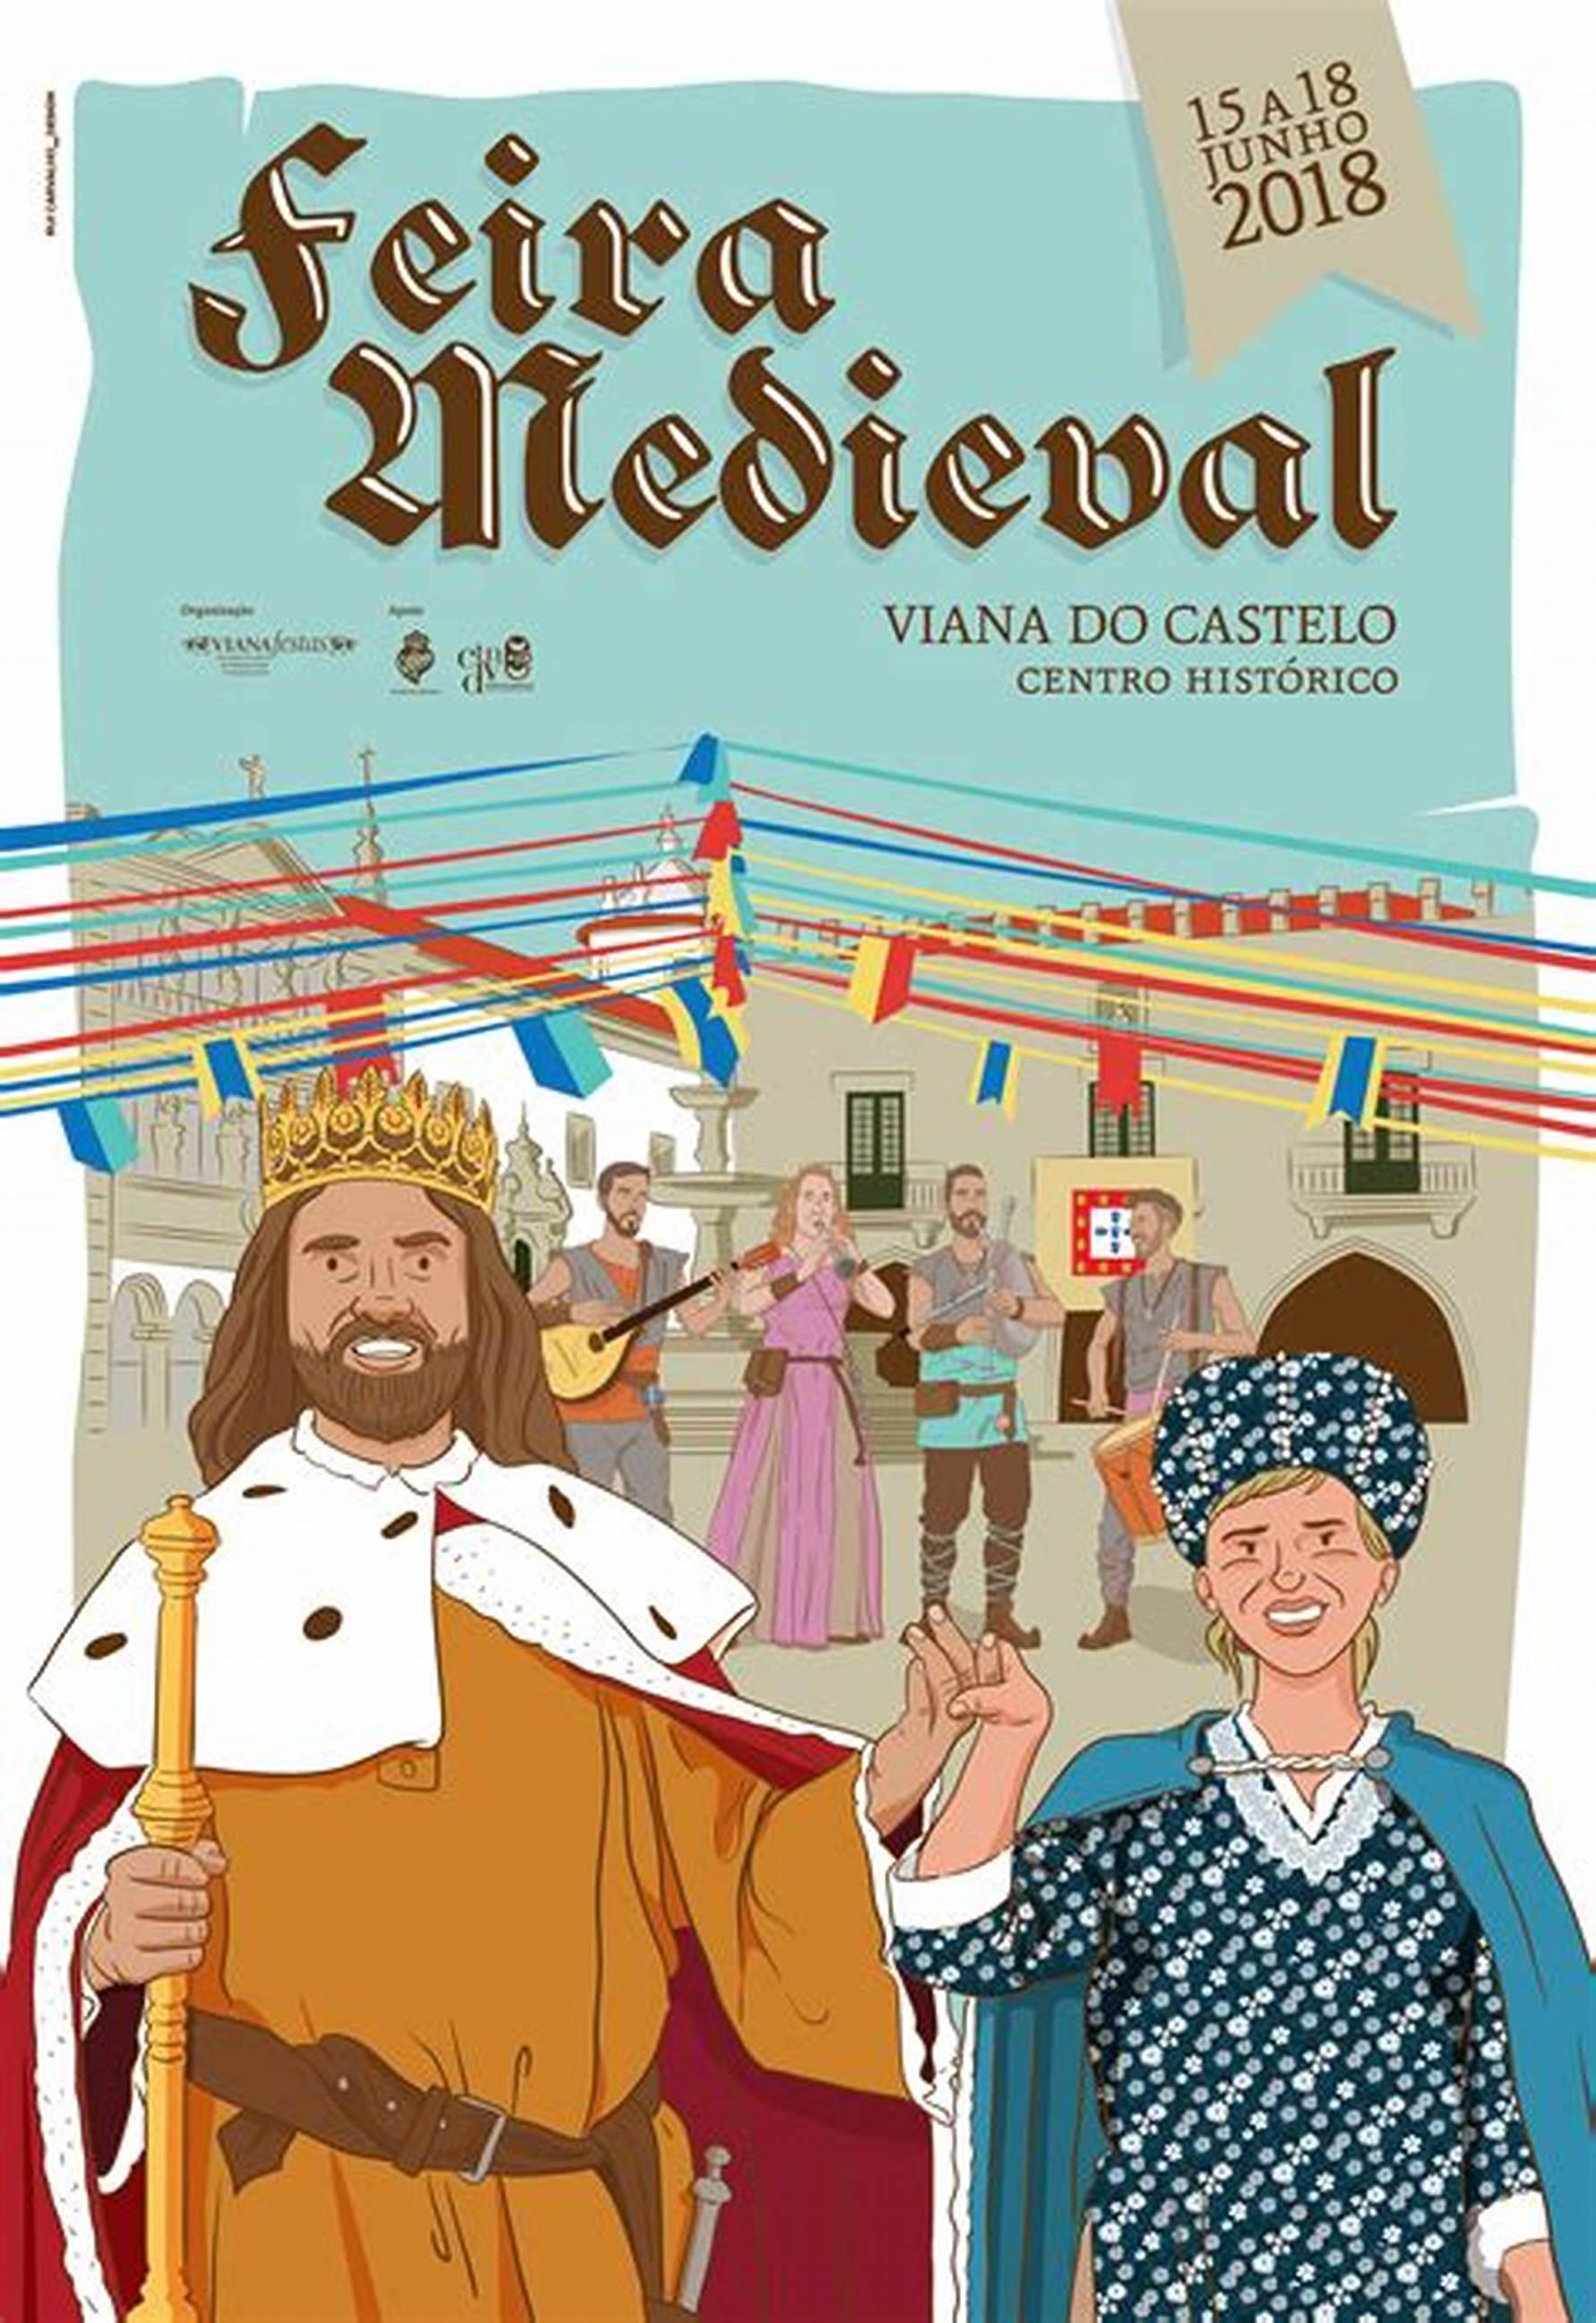 Feira Medieval, Viana do Castelo Historia, Feiras e mercados medievais